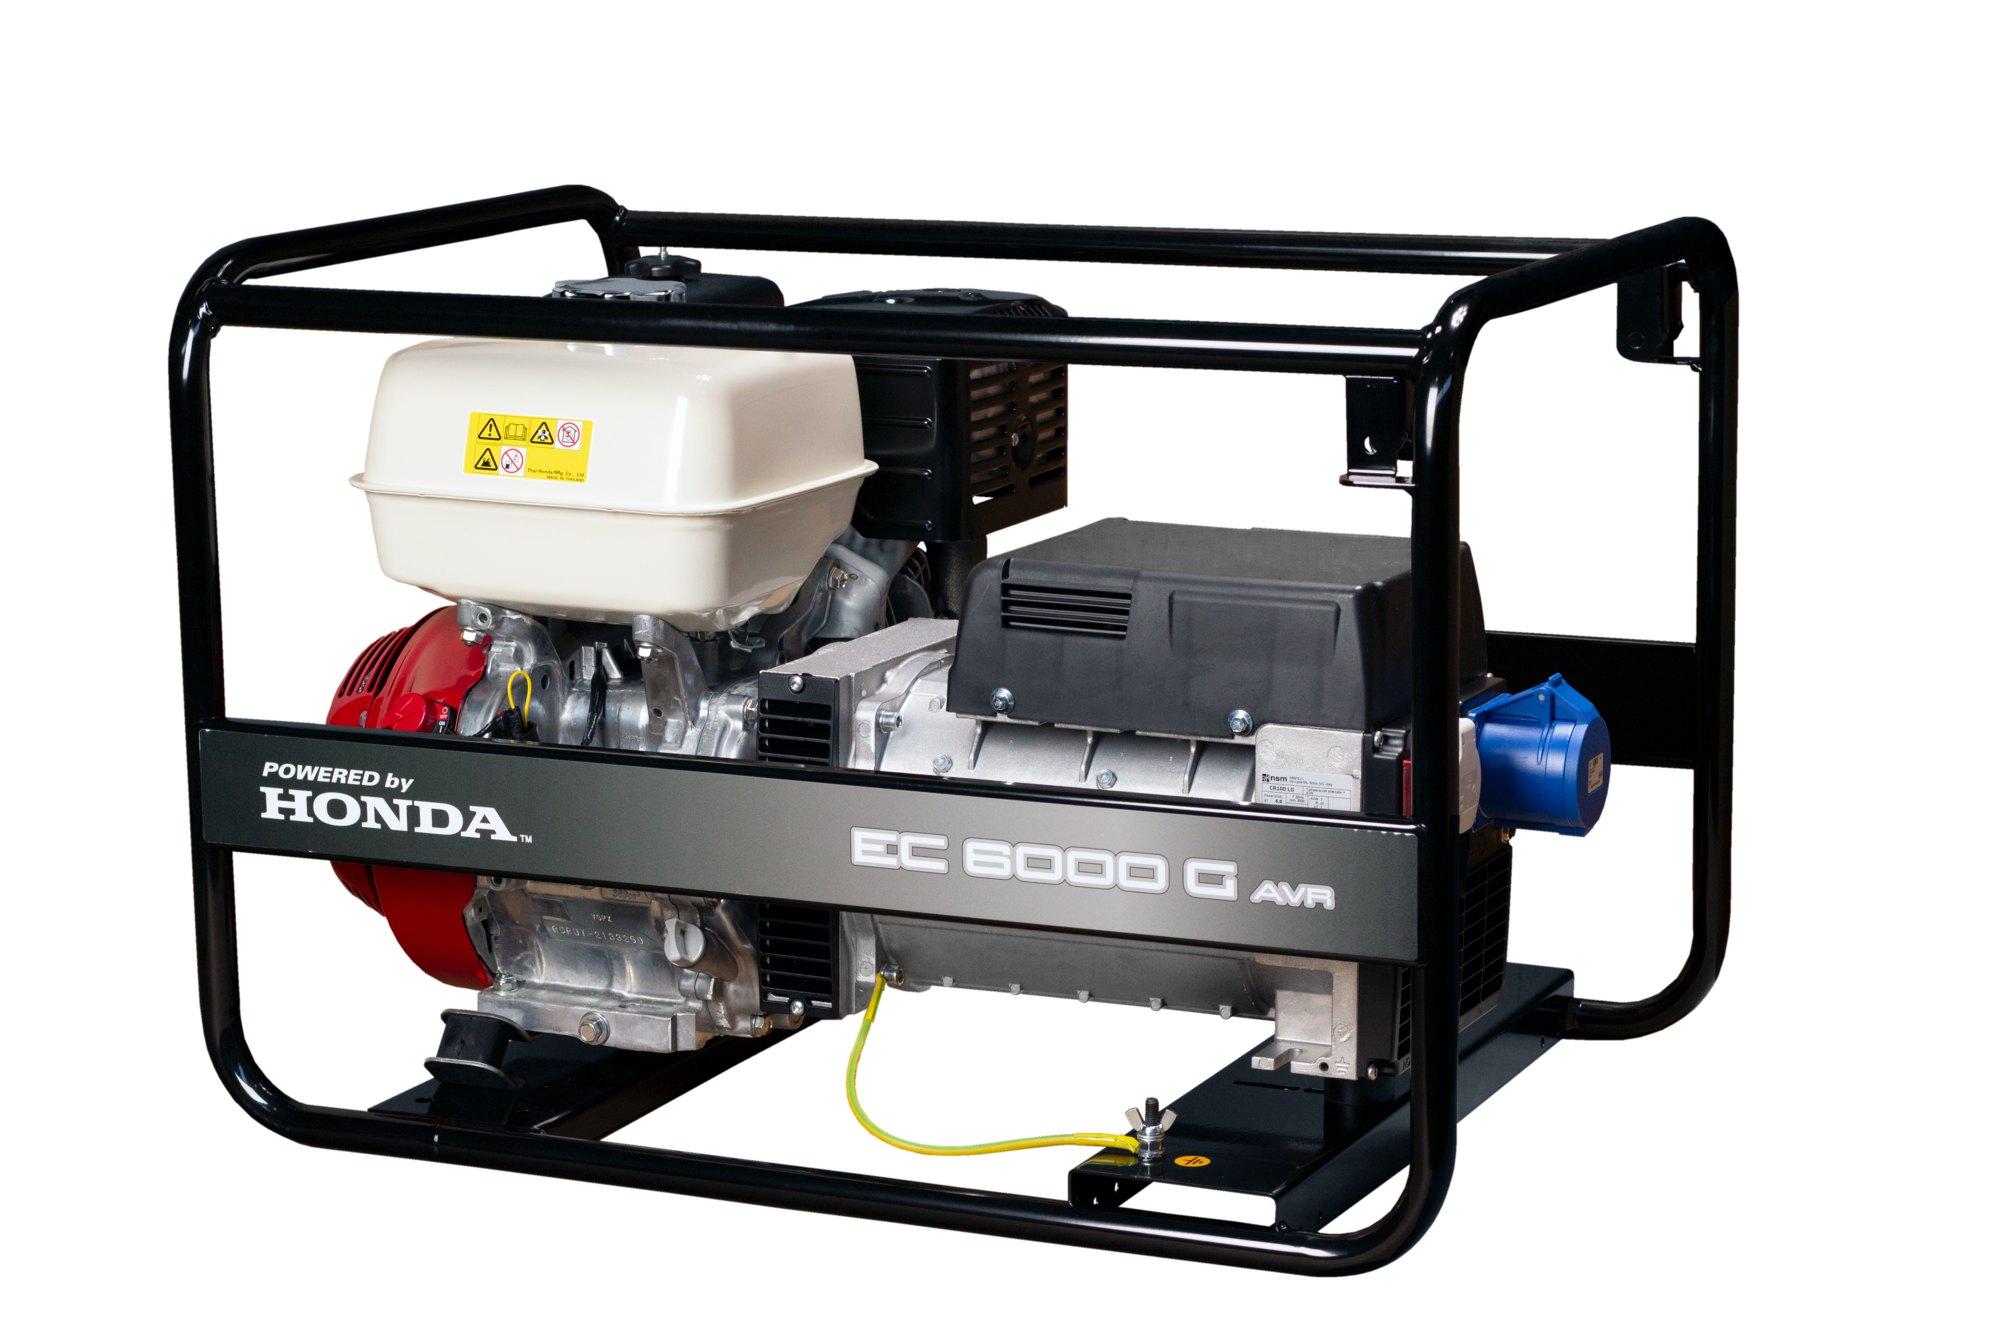 Jednofázová elektrocentrála Honda EC 6000G AVR